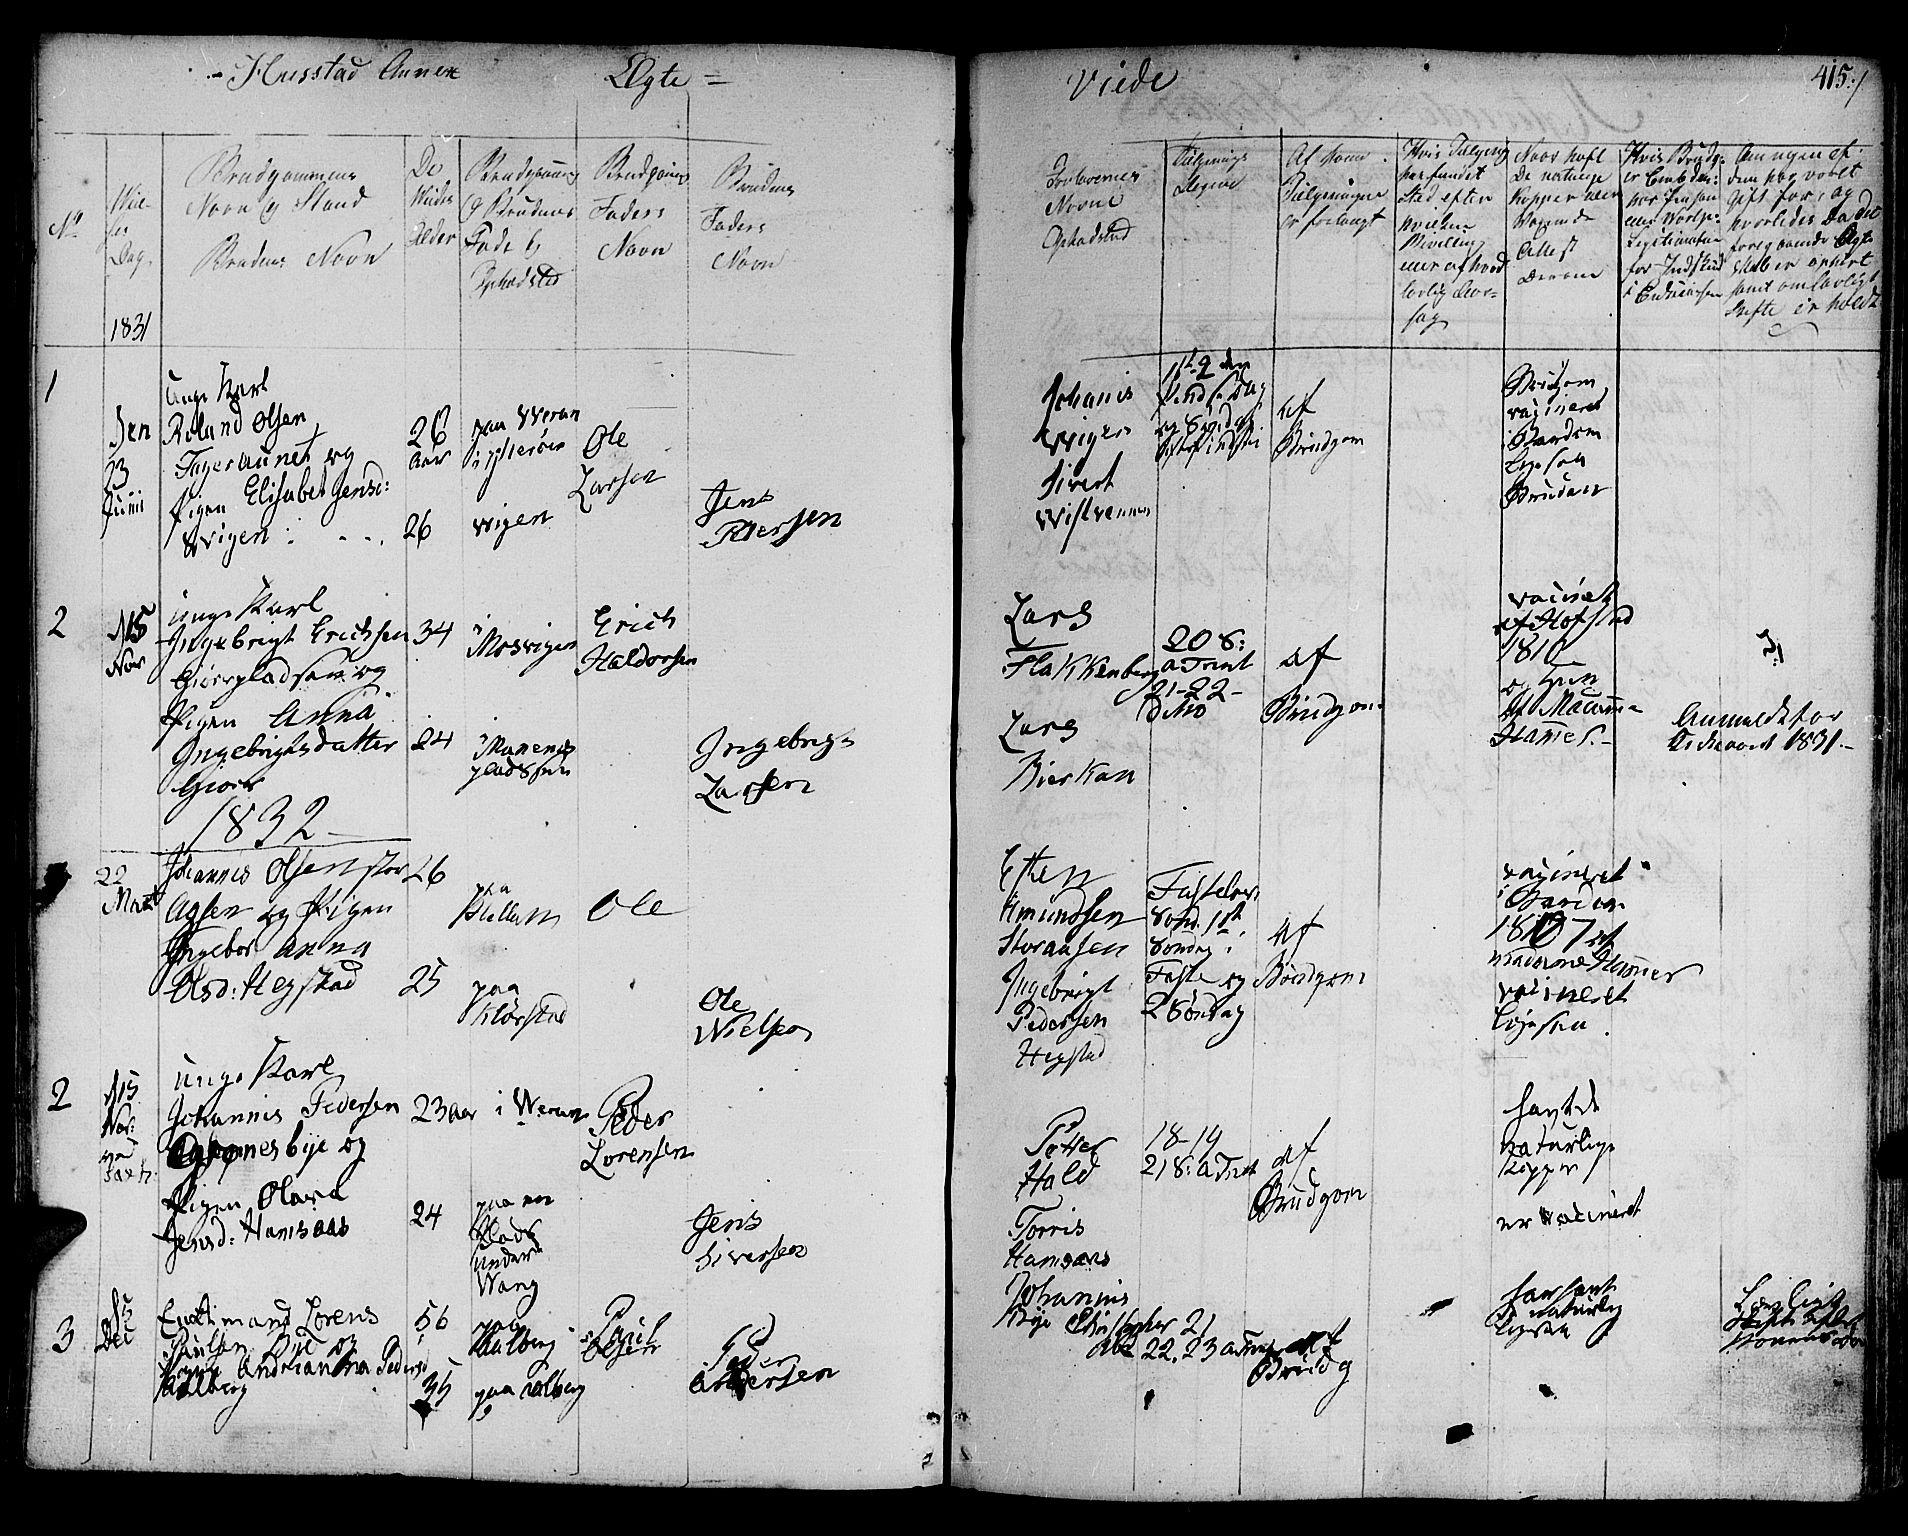 SAT, Ministerialprotokoller, klokkerbøker og fødselsregistre - Nord-Trøndelag, 730/L0277: Ministerialbok nr. 730A06 /3, 1830-1839, s. 415